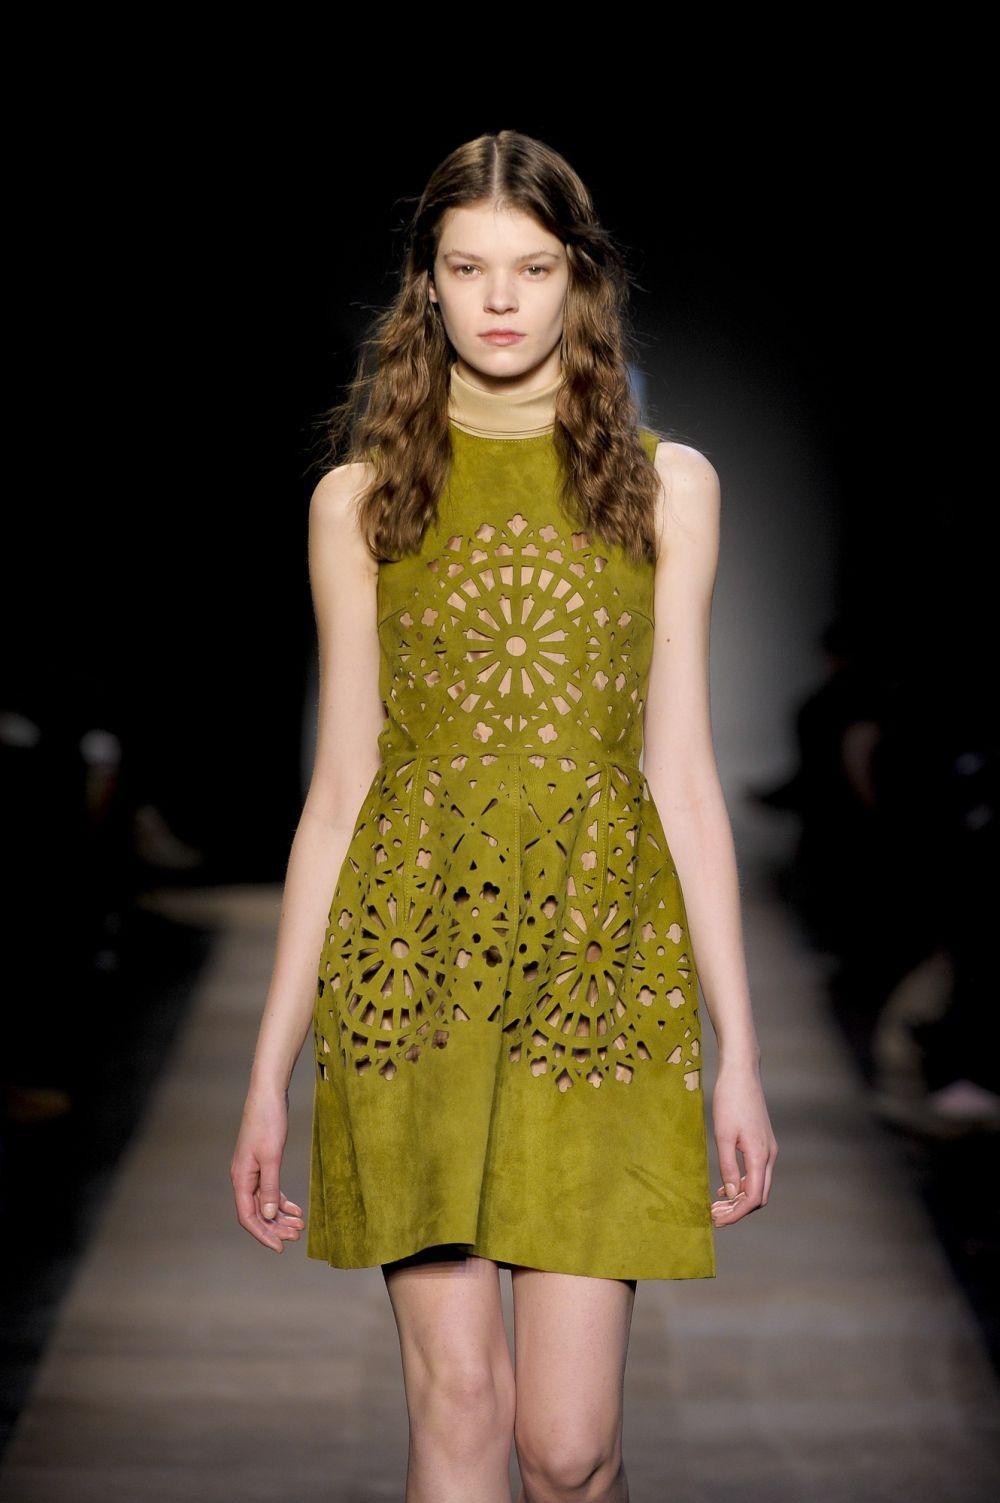 Cắt laser hoa văn, hạo tiết trên váy, đầm thời trang